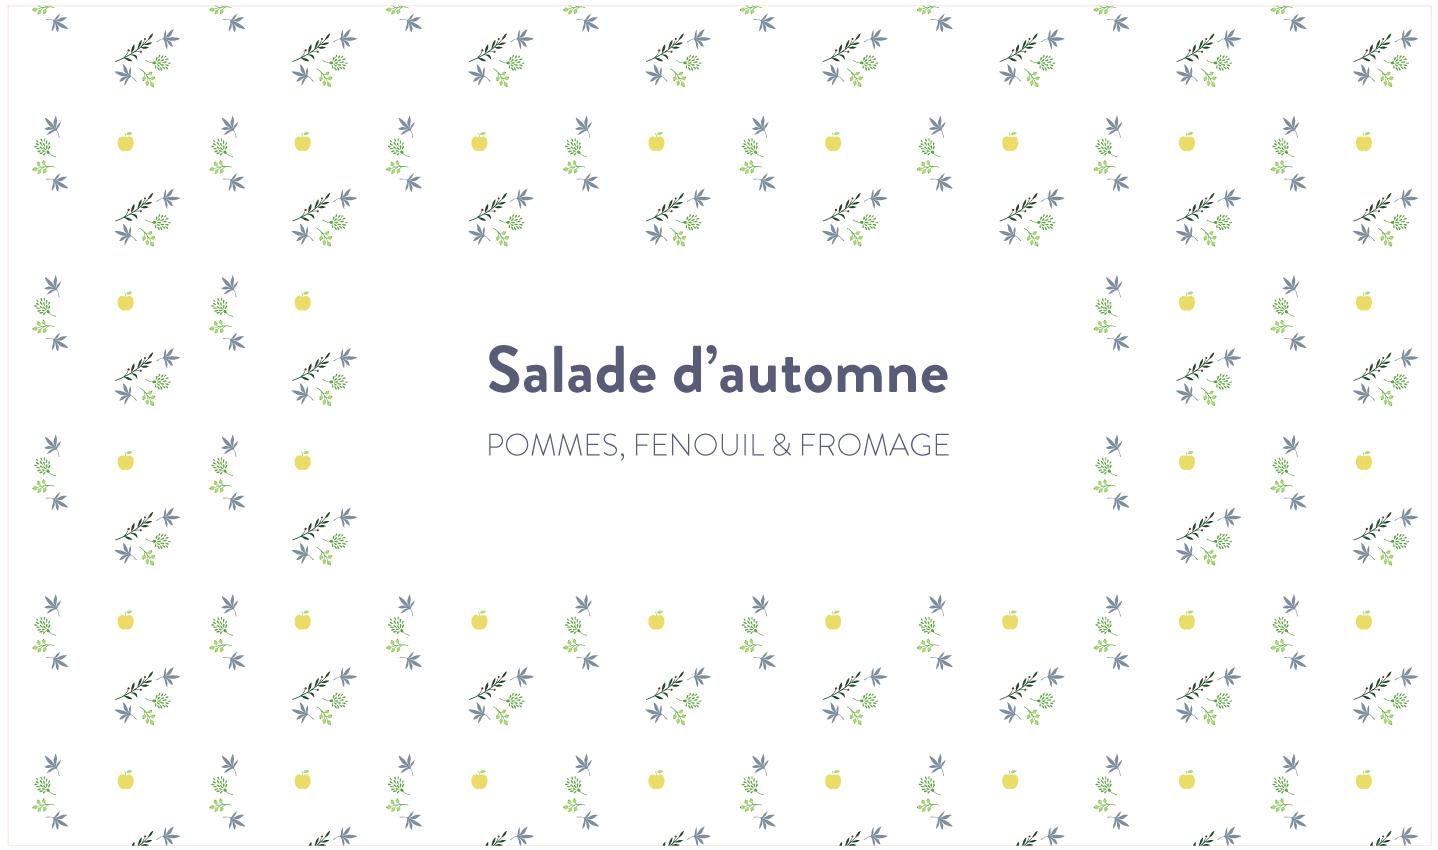 motifs-2016-automne-salade